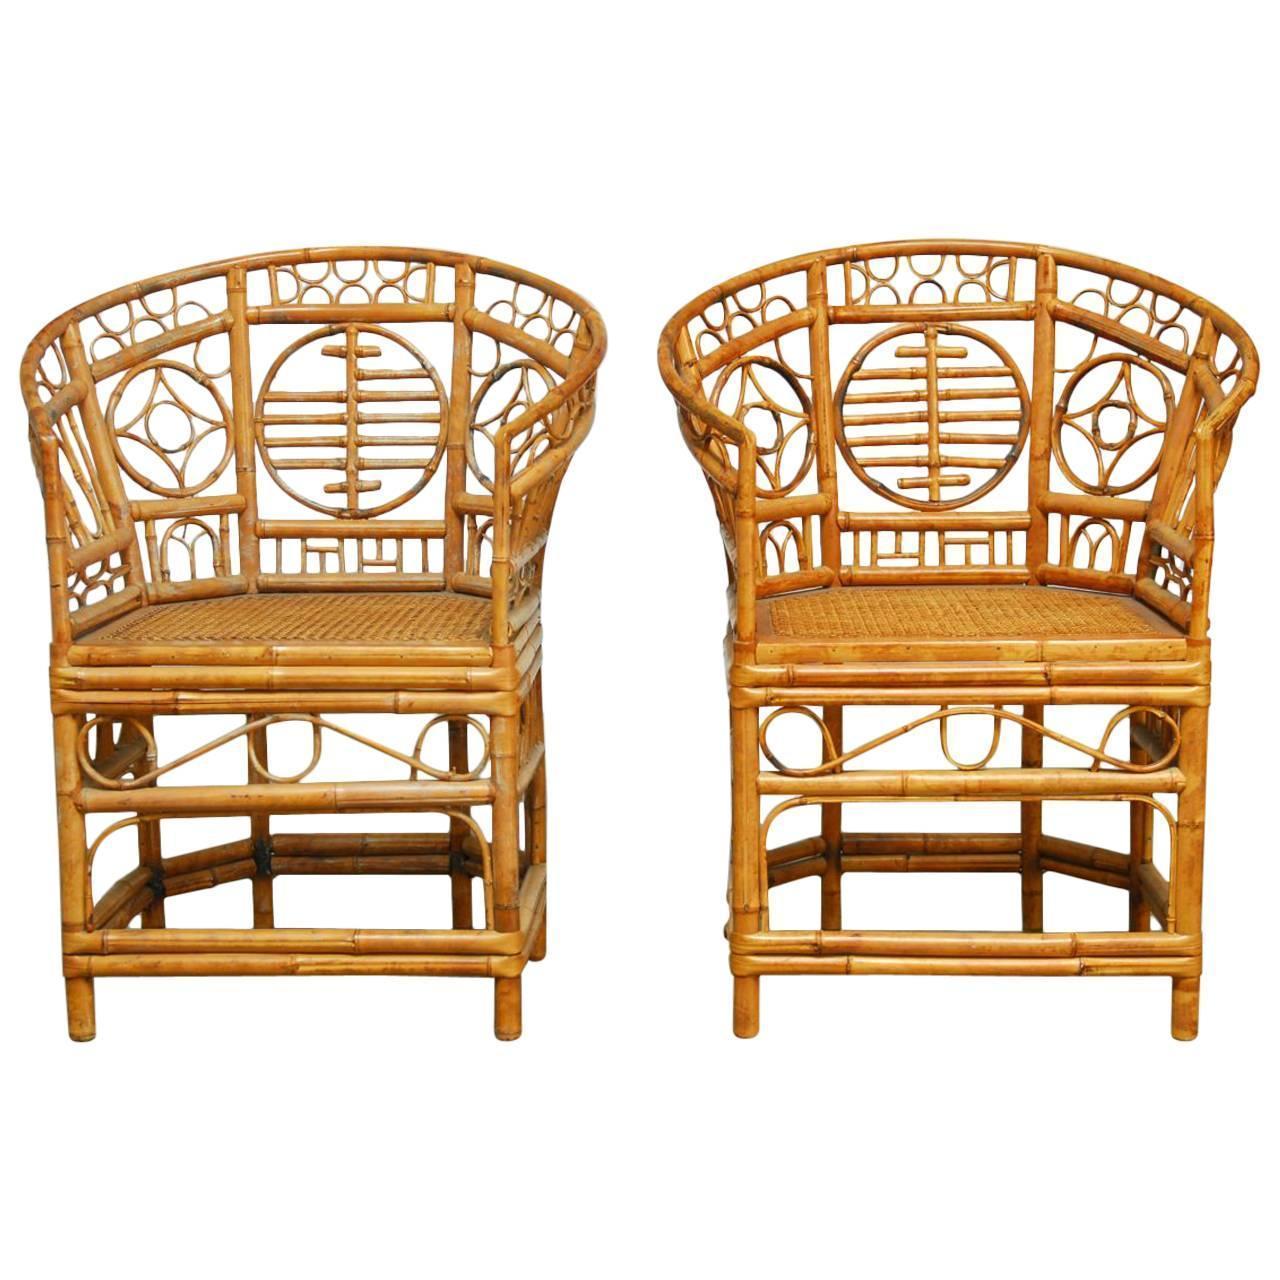 Brighton Pavilion Style Chinoiserie Chairs Pair Chairish